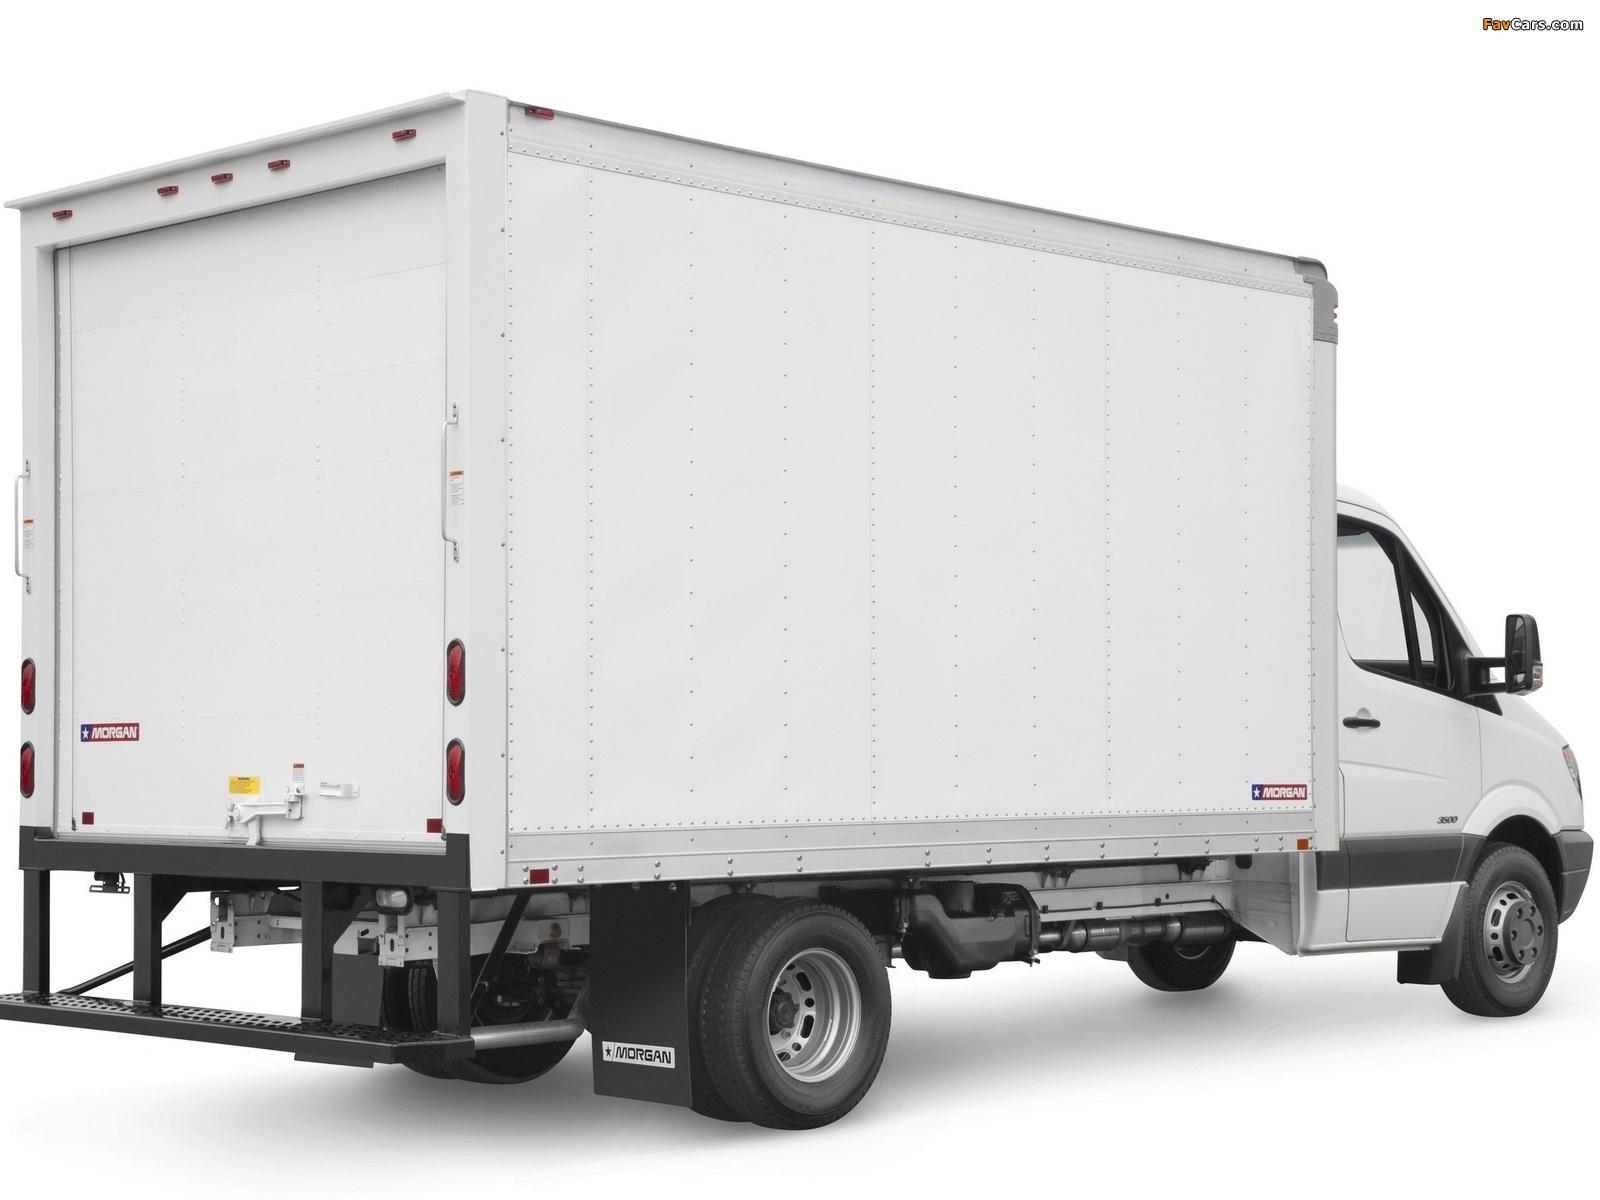 Freightliner Sprinter 3500 Box Van 2006 wallpapers (1600 x 1200)